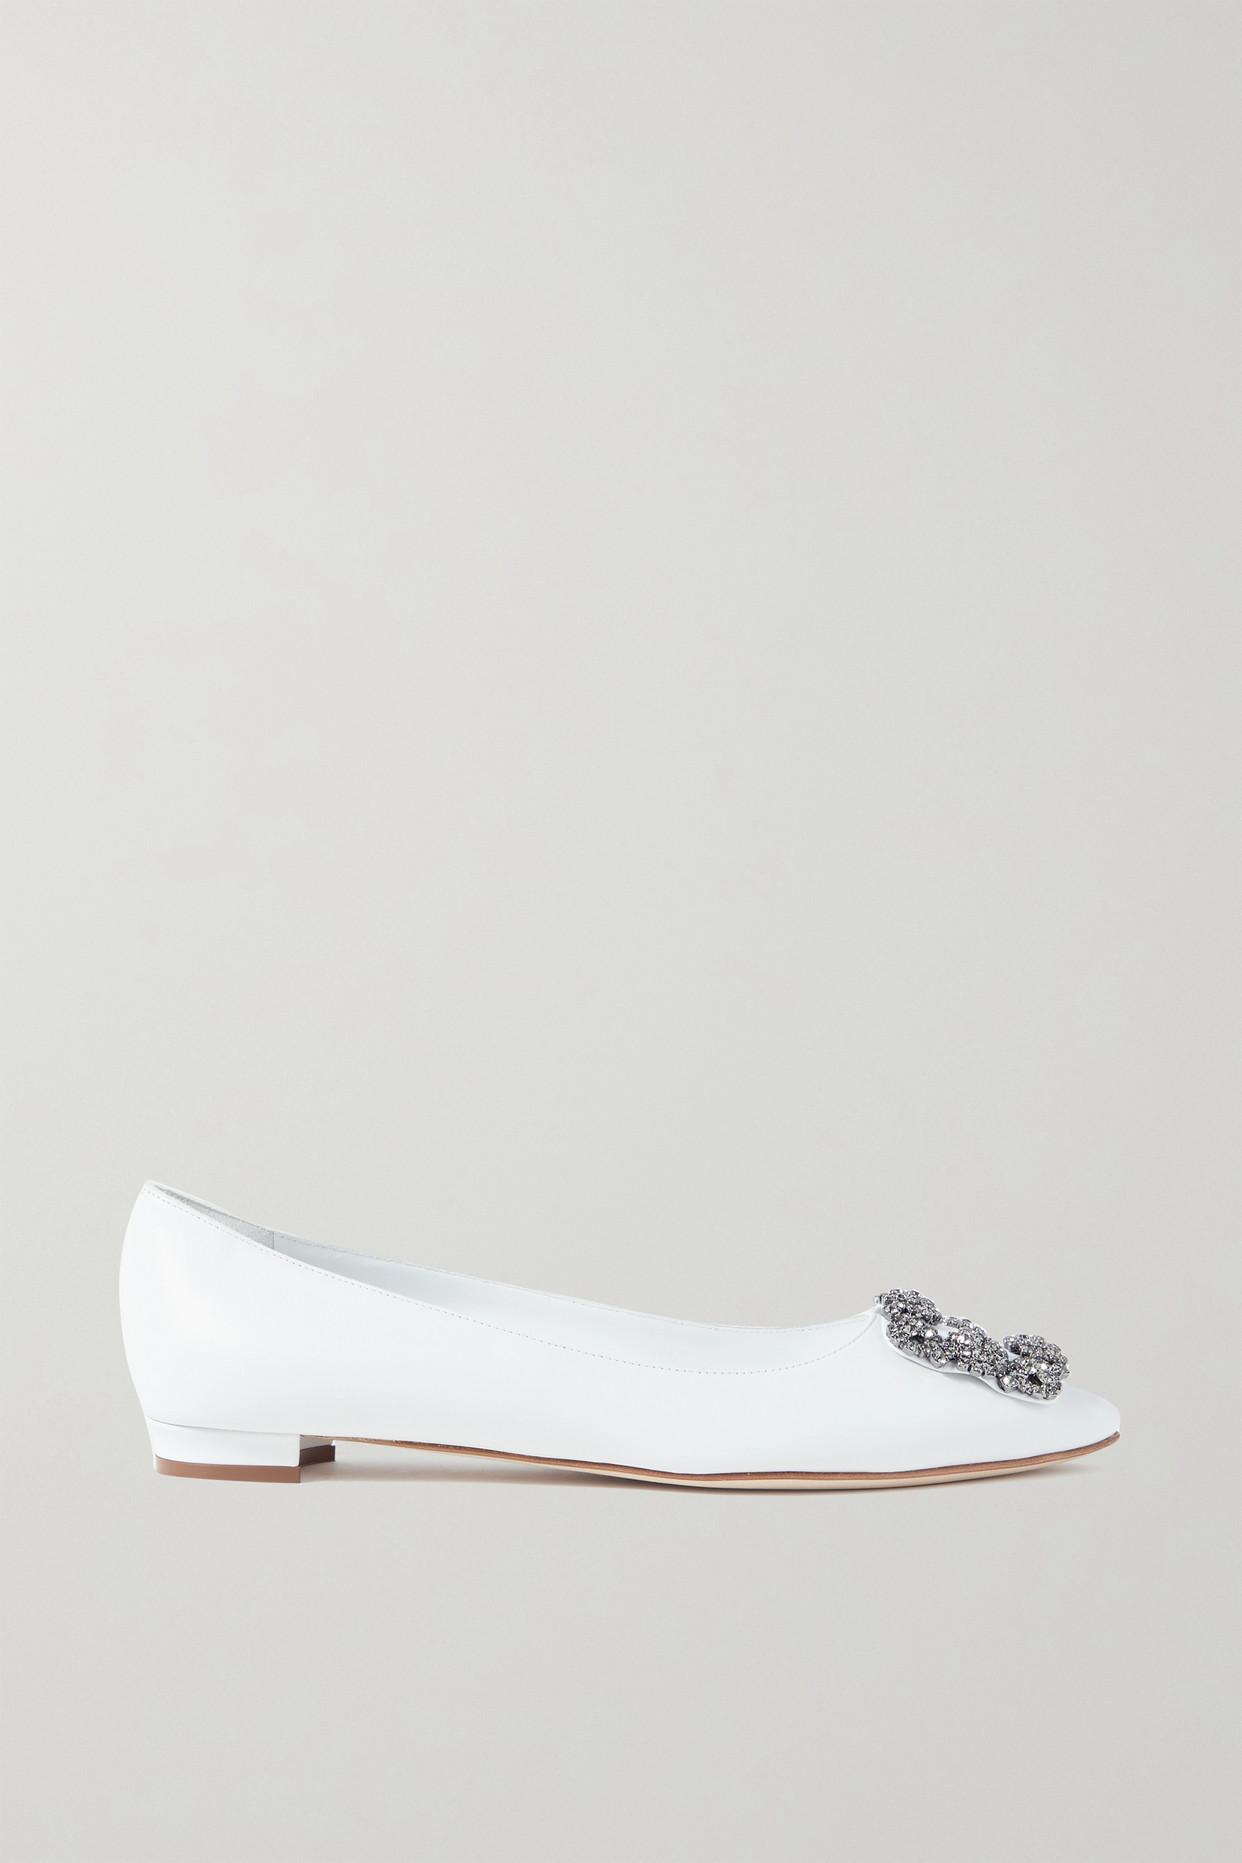 MANOLO BLAHNIK - Hangisi Embellished Leather Point-toe Flats - White - IT36